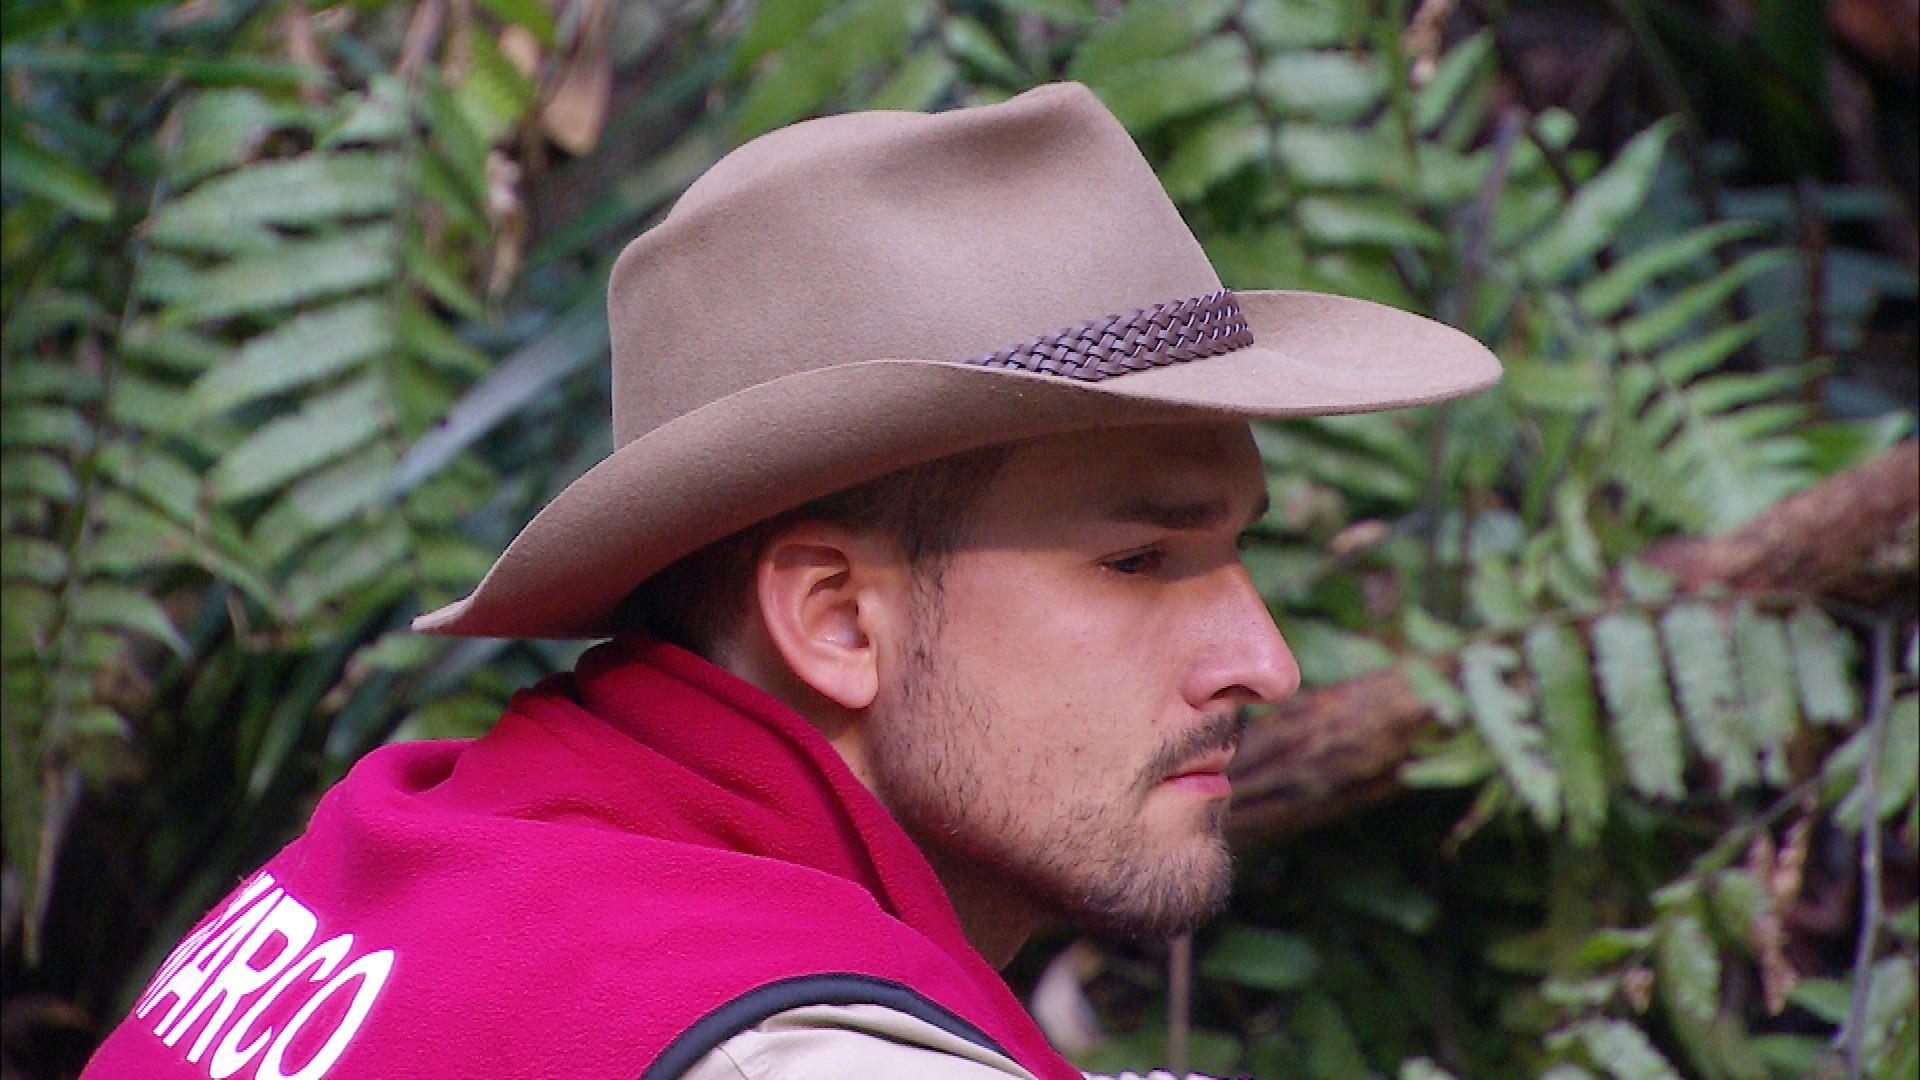 Dschungelcamp 2020 Marco raus